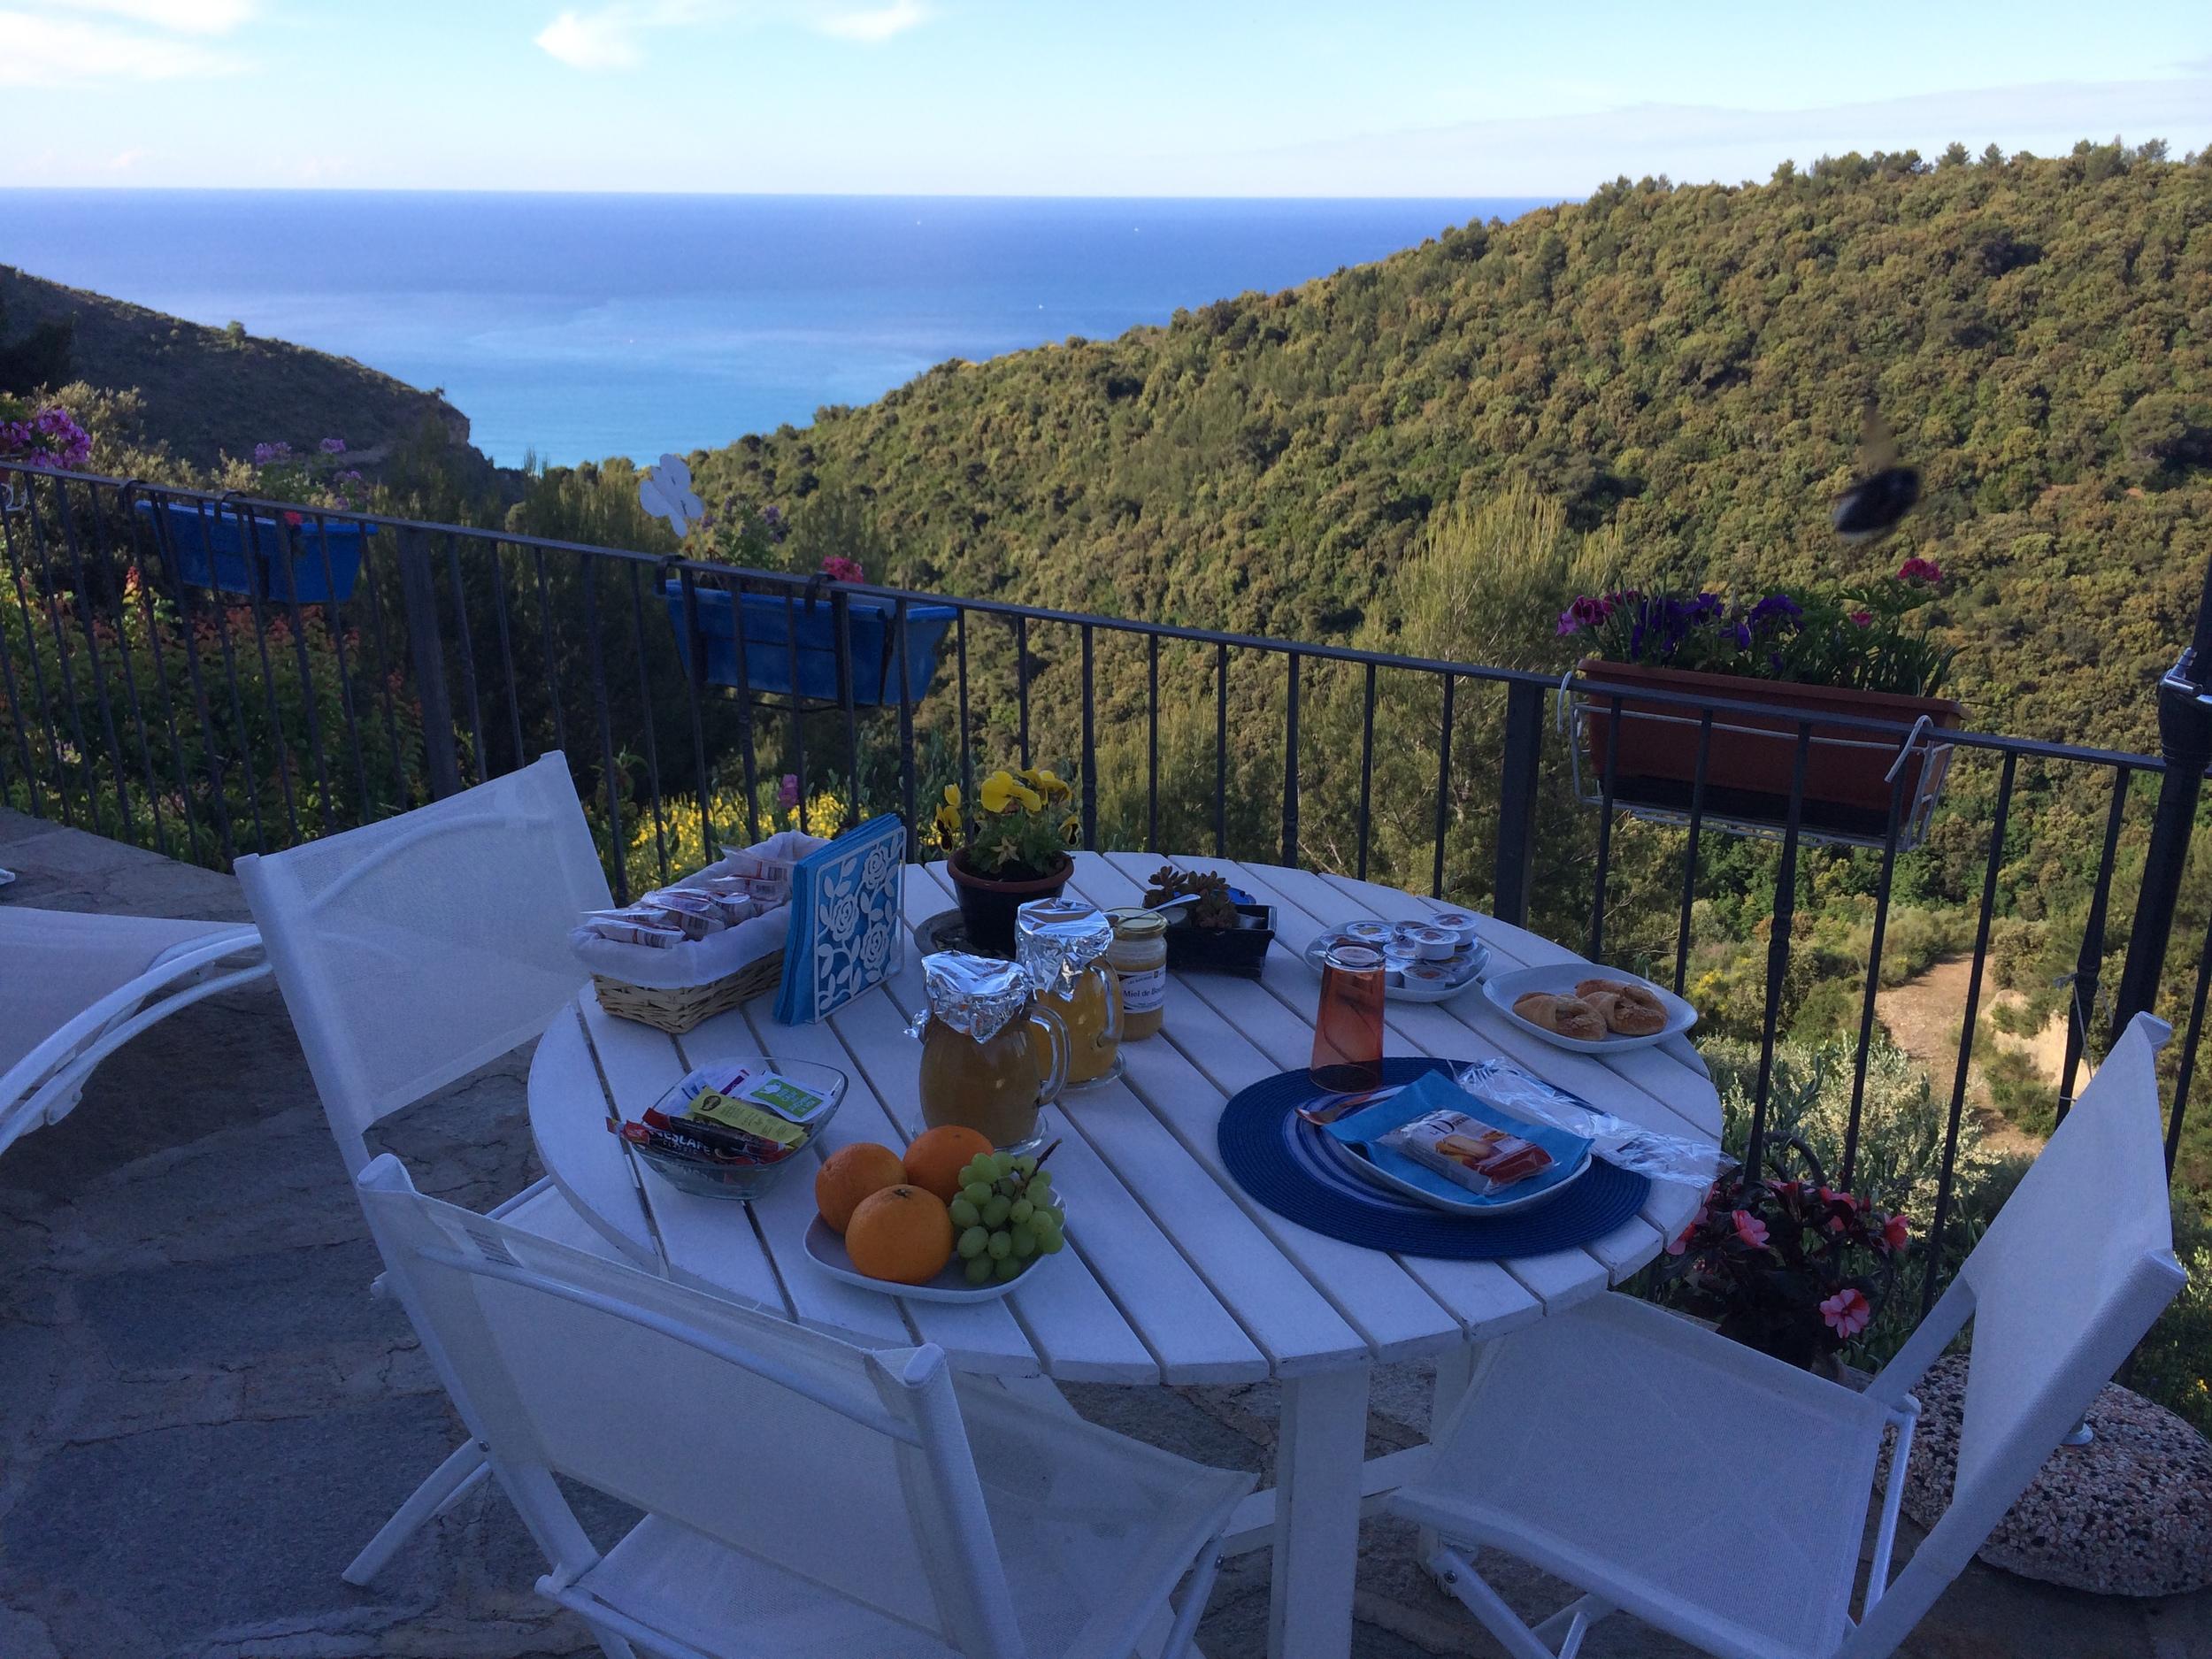 Breakfast overlooking the Mediterranean